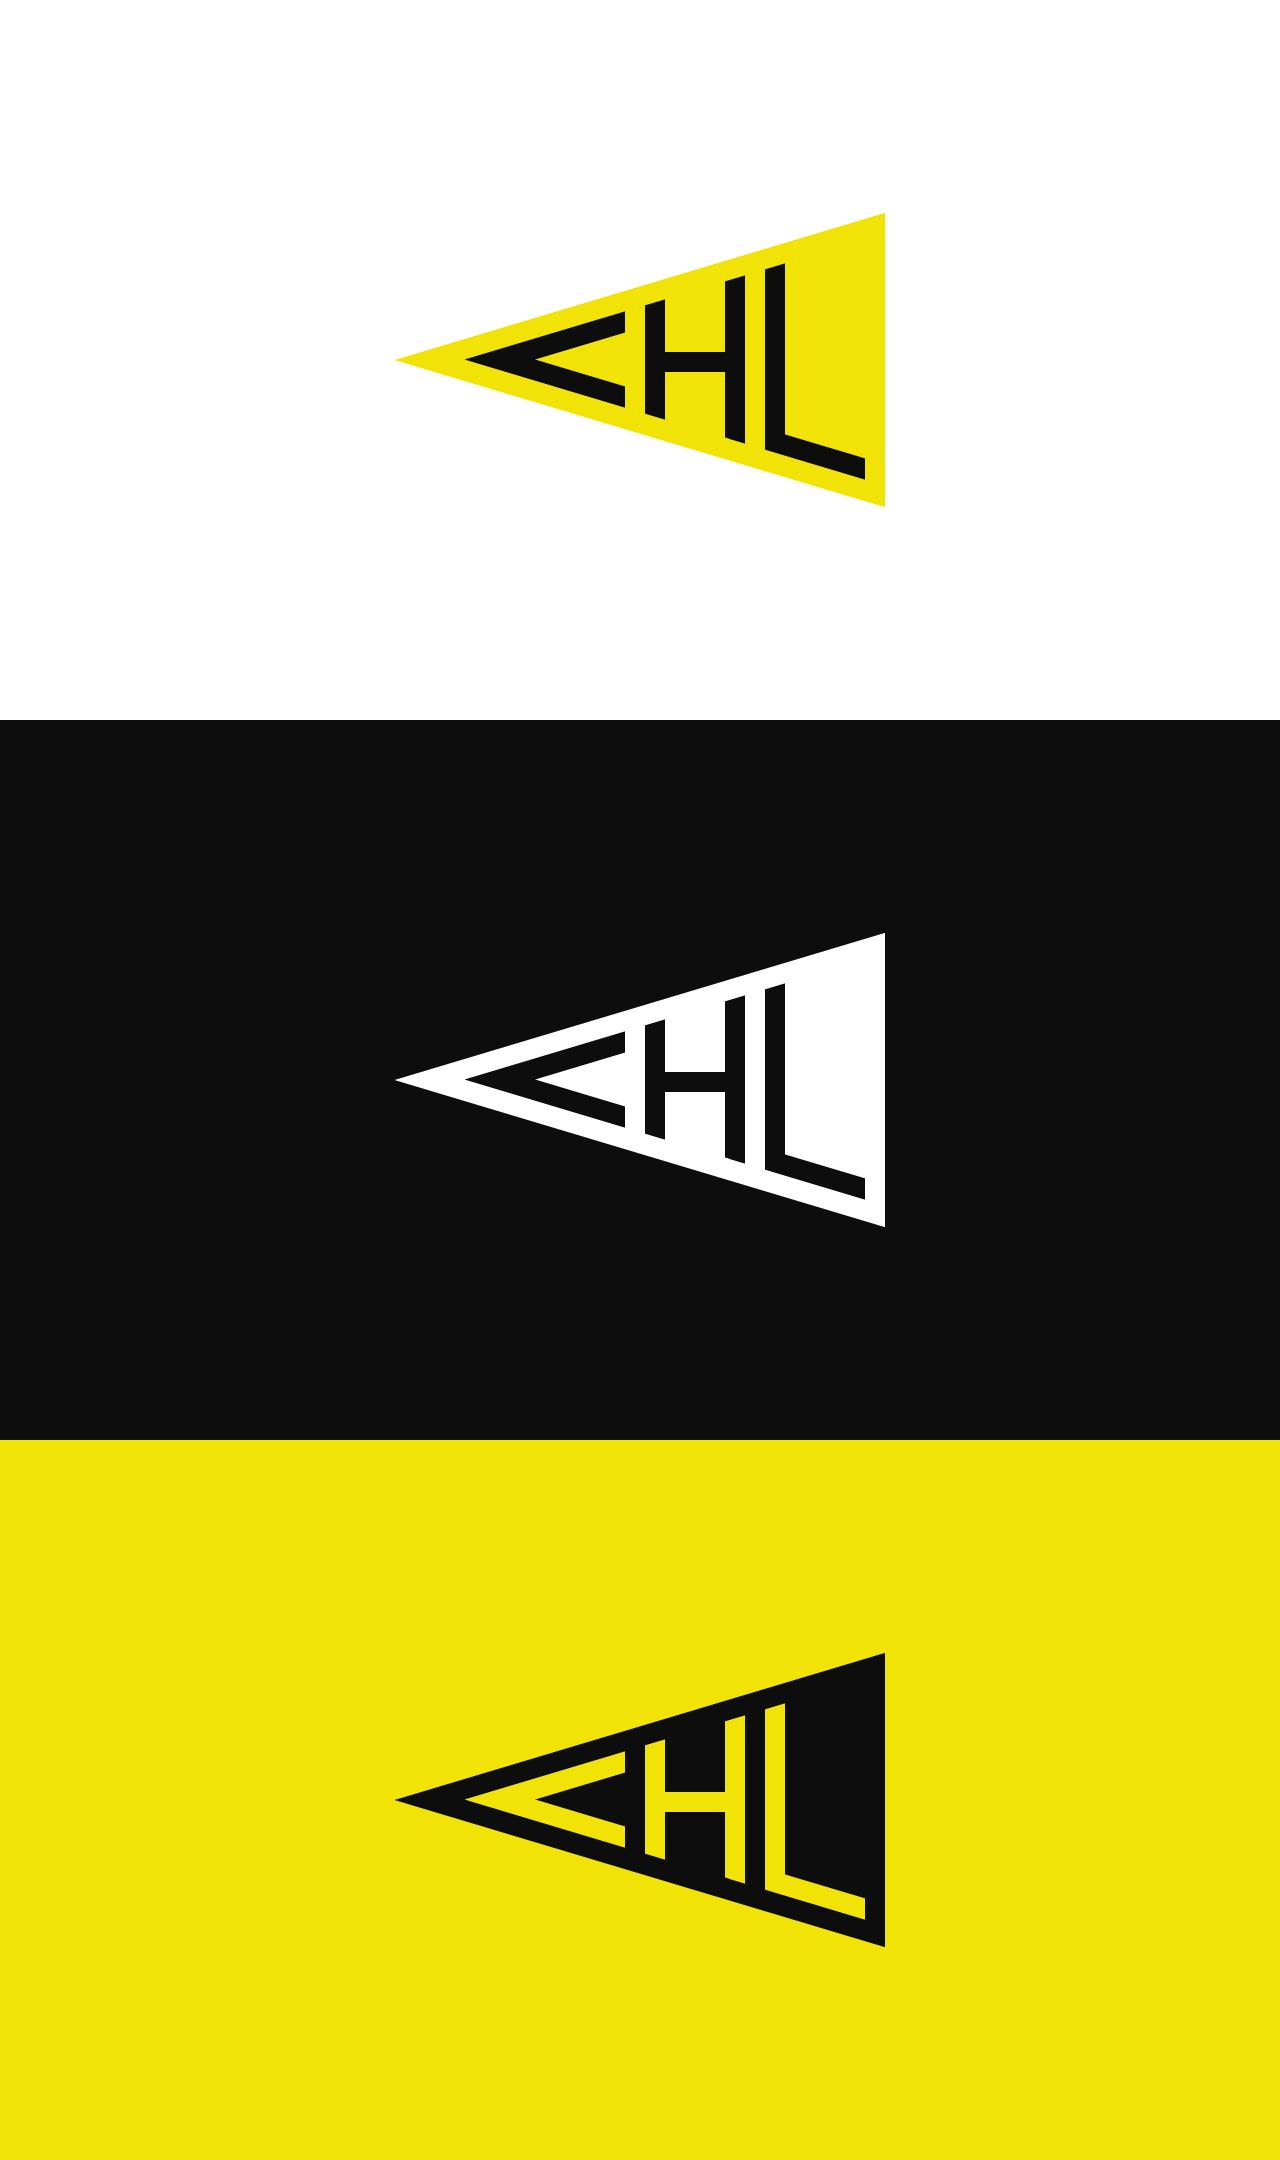 разработка логотипа для производителя фар фото f_9575f5a53f3b620e.png